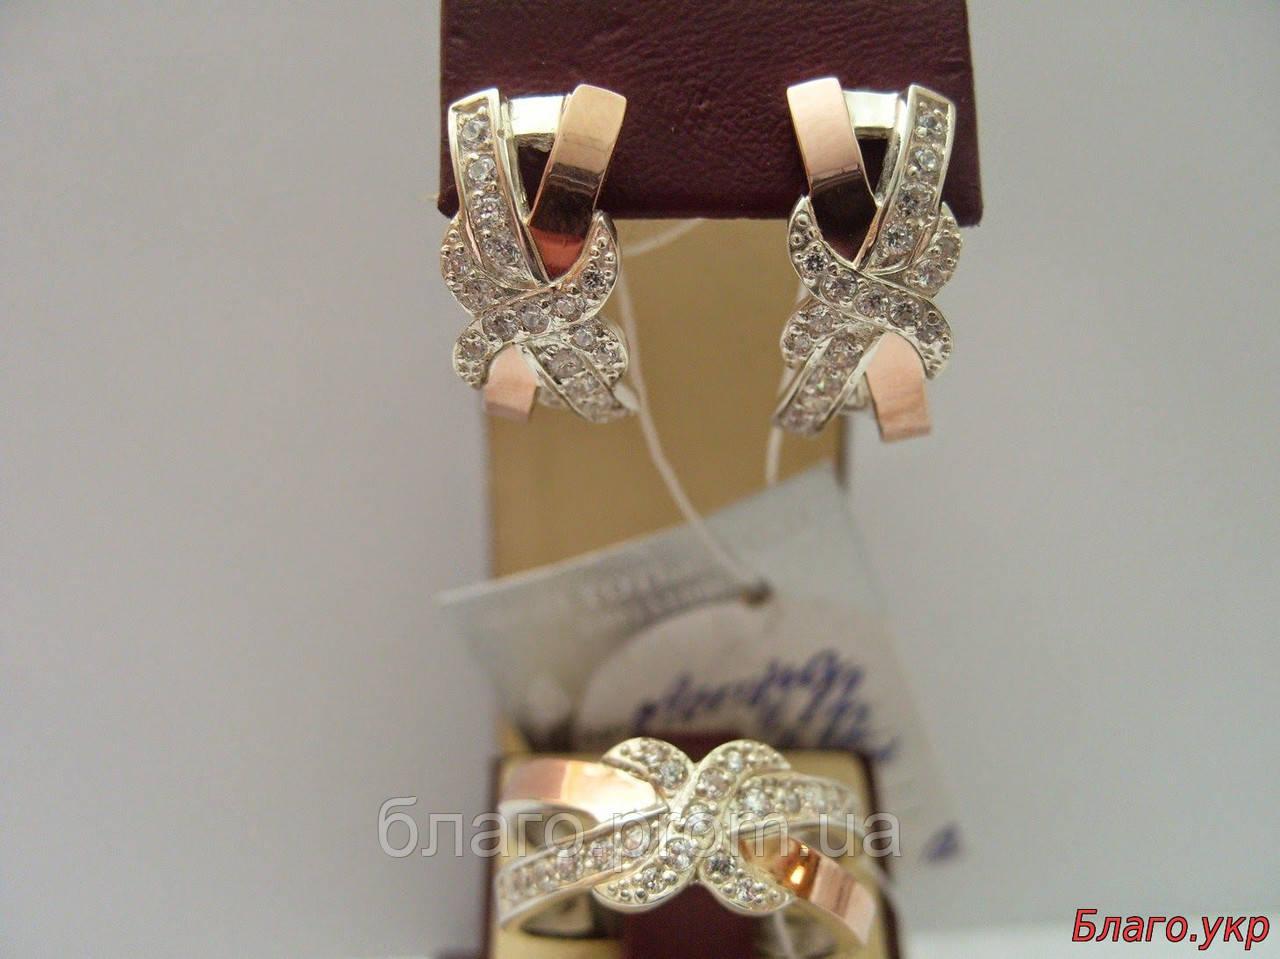 """Серебряный комплект """"Слава"""" кольцо и серьги с золотыми накладками женский, фото 1"""